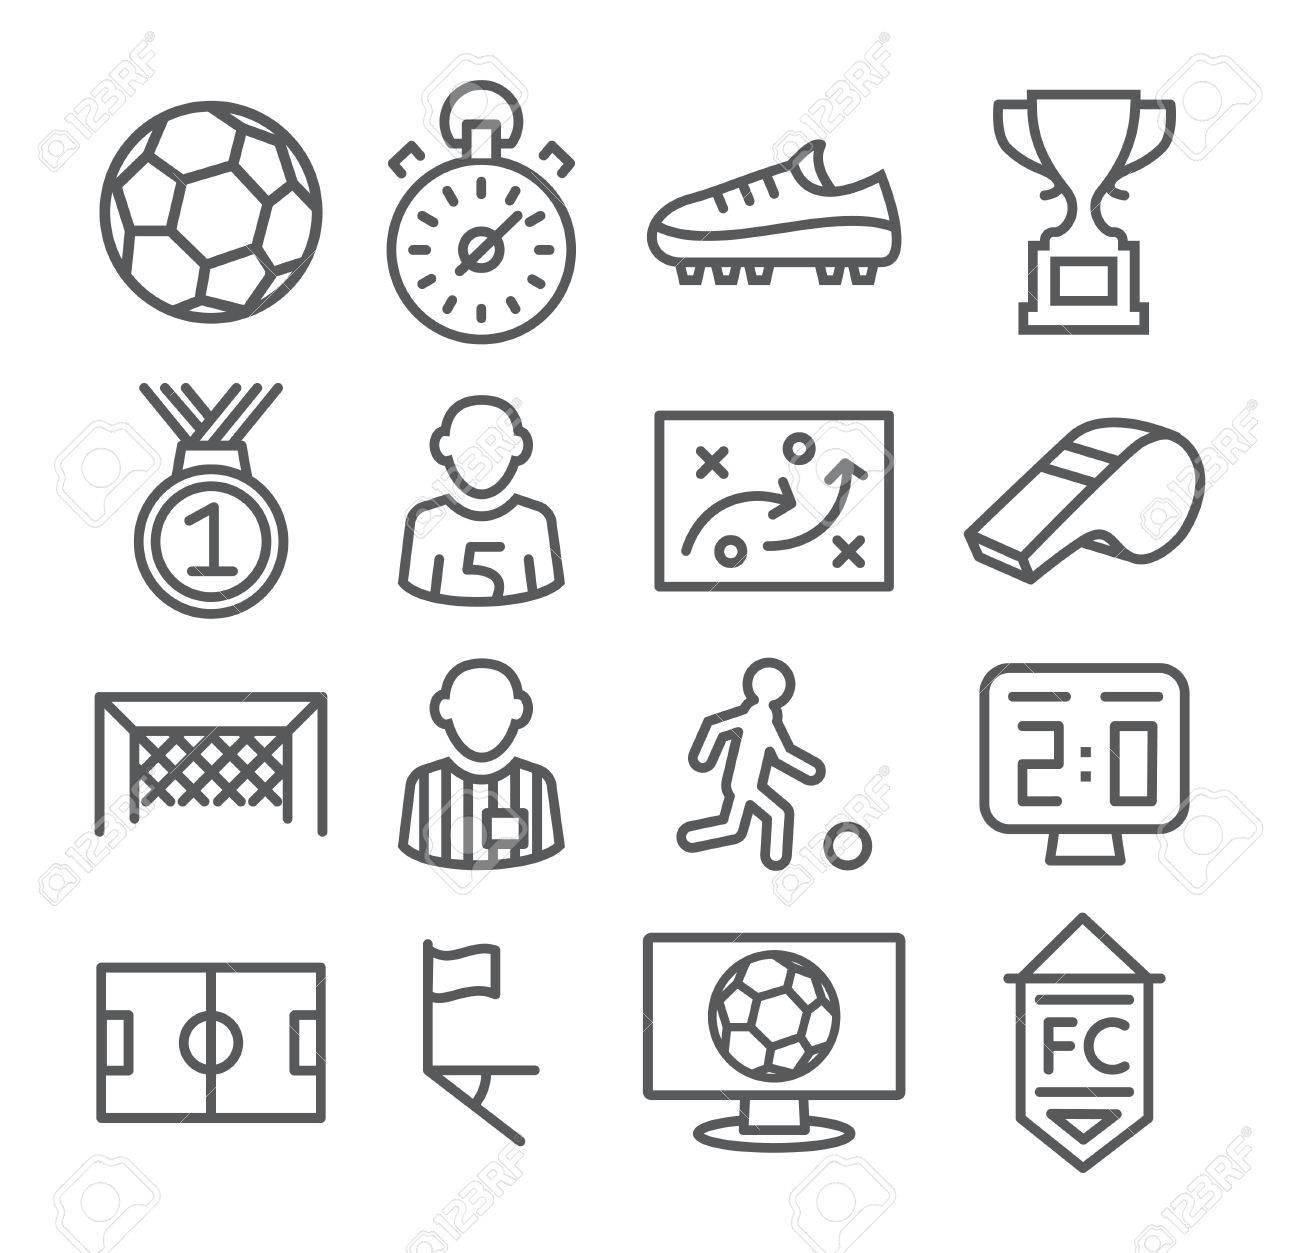 Soccer Line Icons Gray illustration on white - 44295712